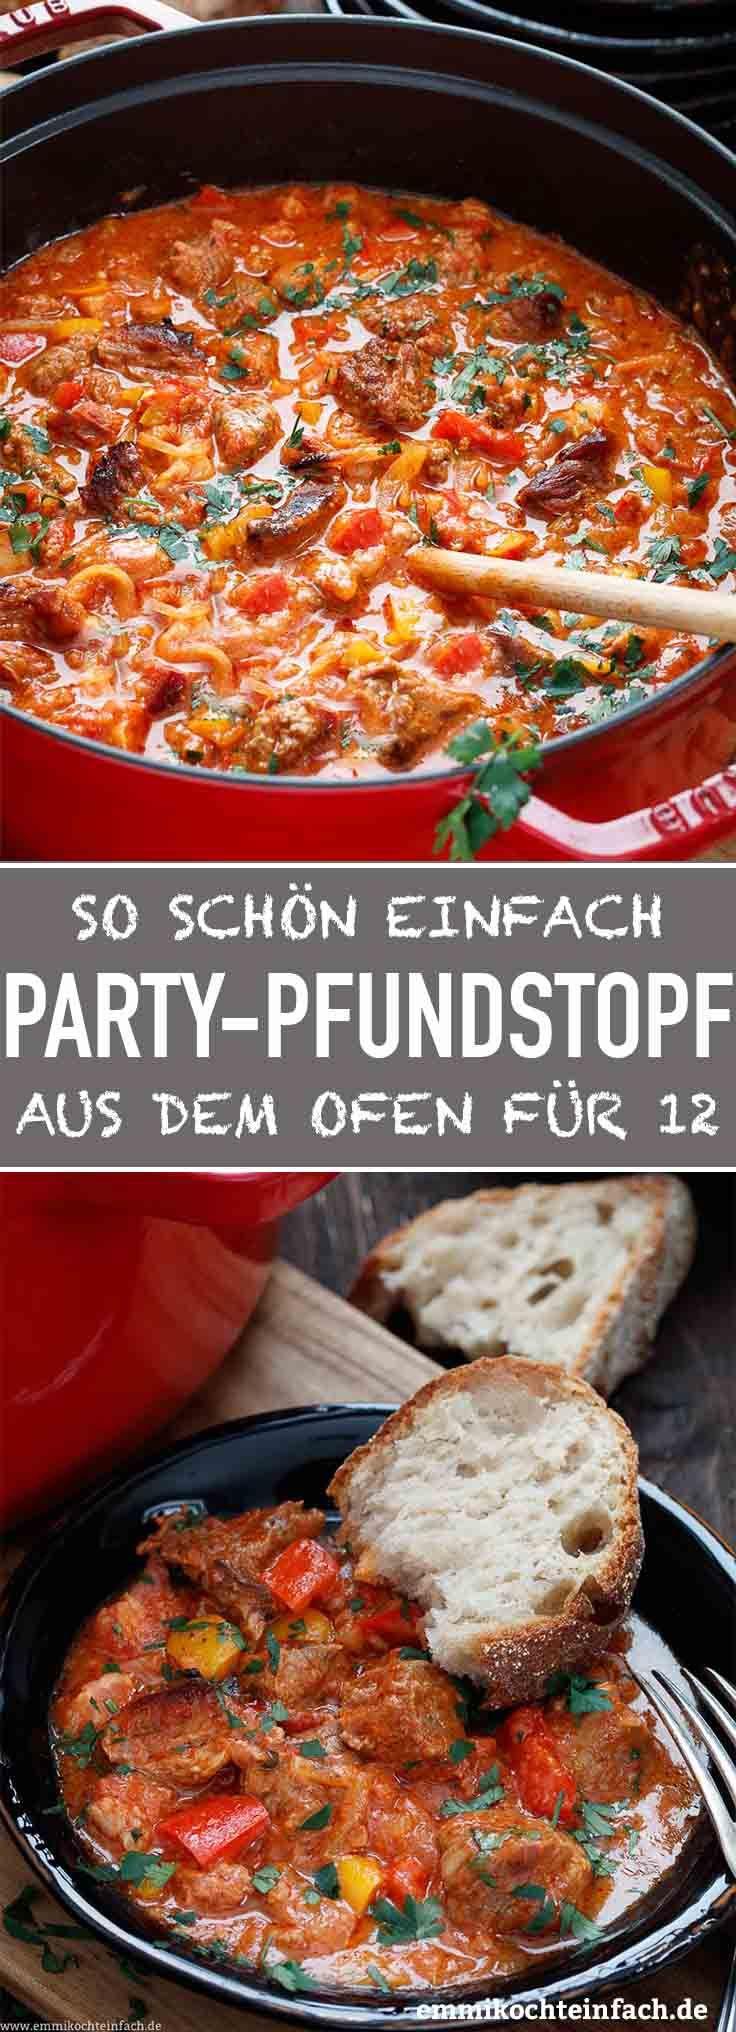 Party Pfundstopf für zwölf - ein einfaches Partyessen - emmikochteinfach #gulaschrezept